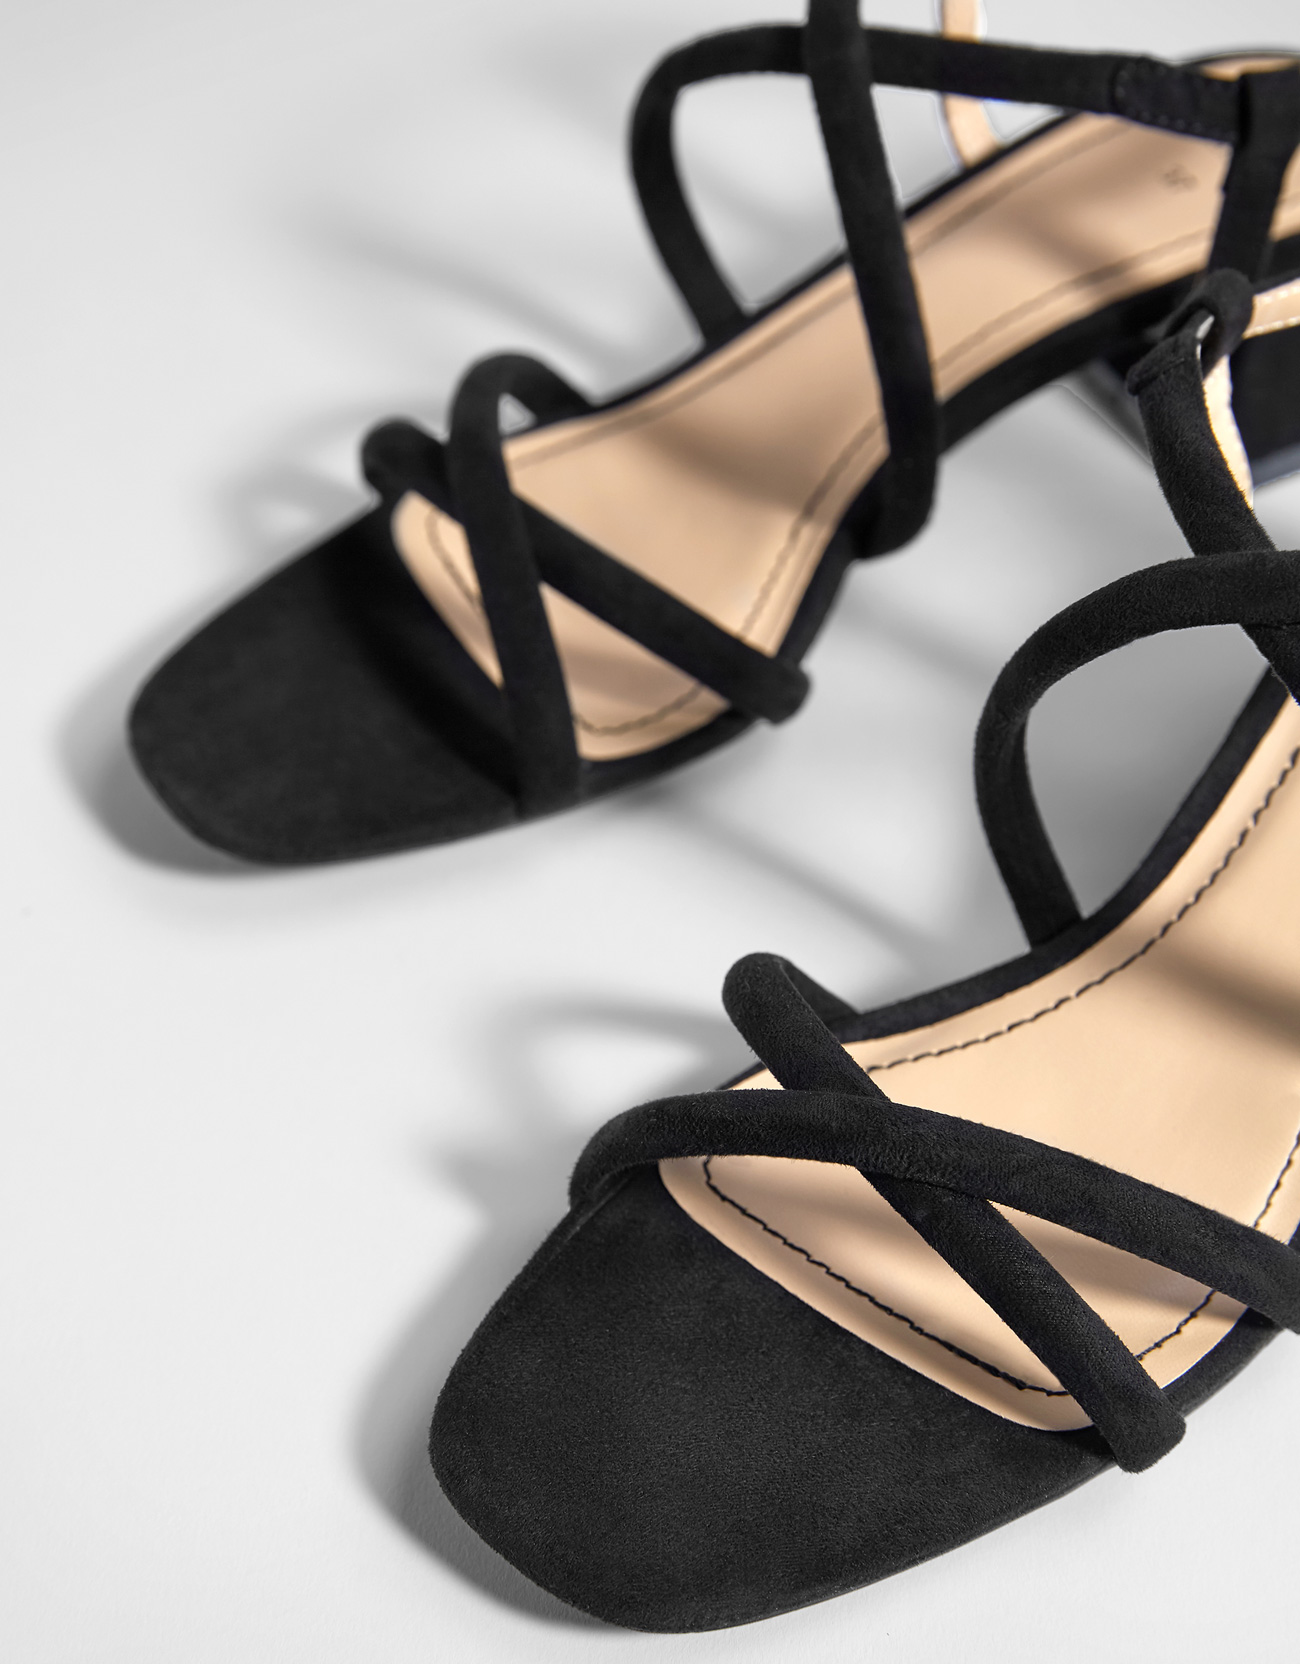 Giày sandal quai chéo dành cho nữ , màu đen nhám .